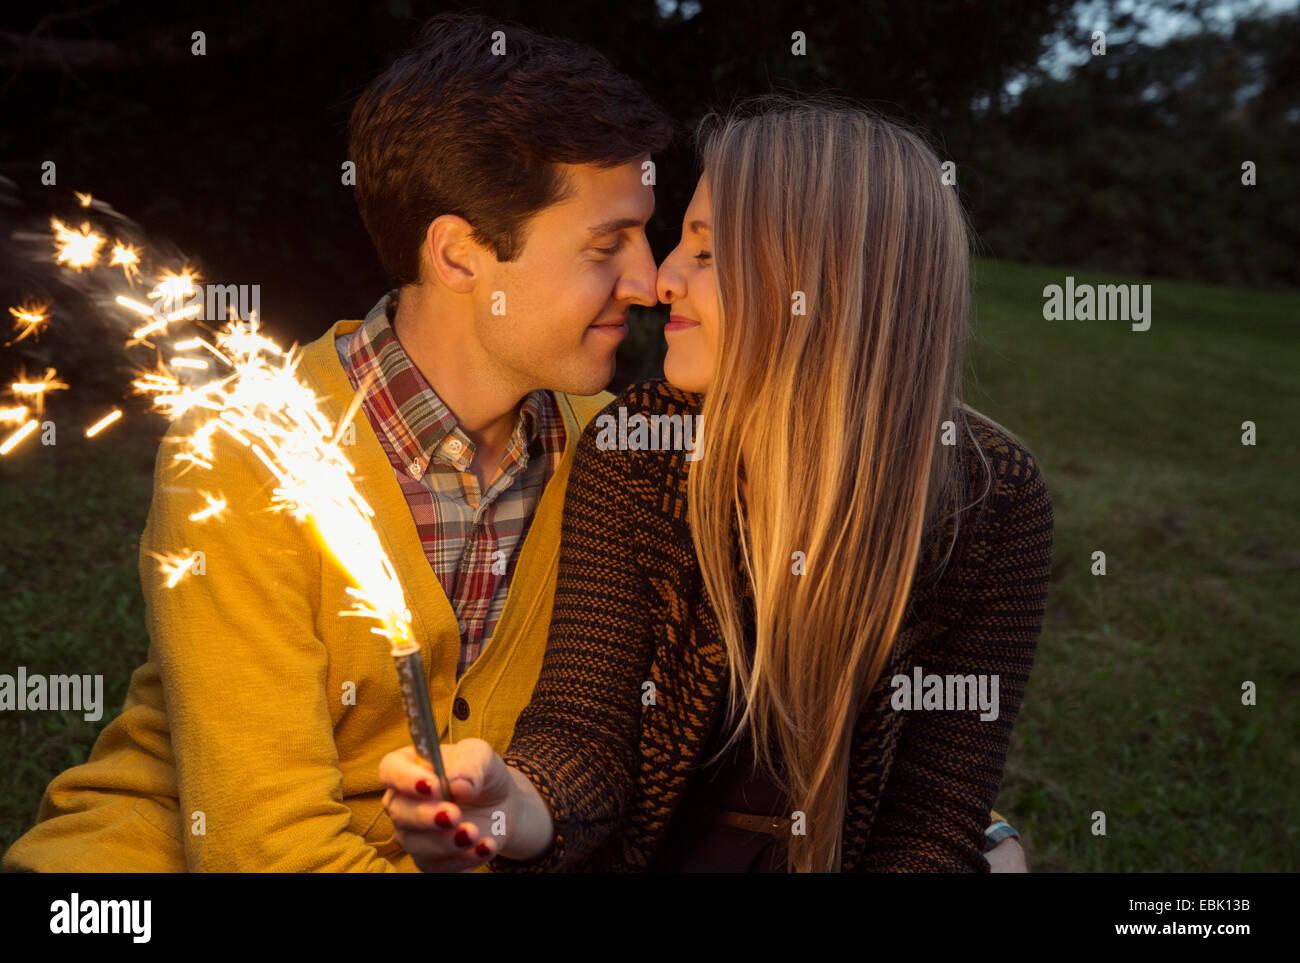 Jeune couple nez à nez dans park holding artifice pétillant Photo Stock